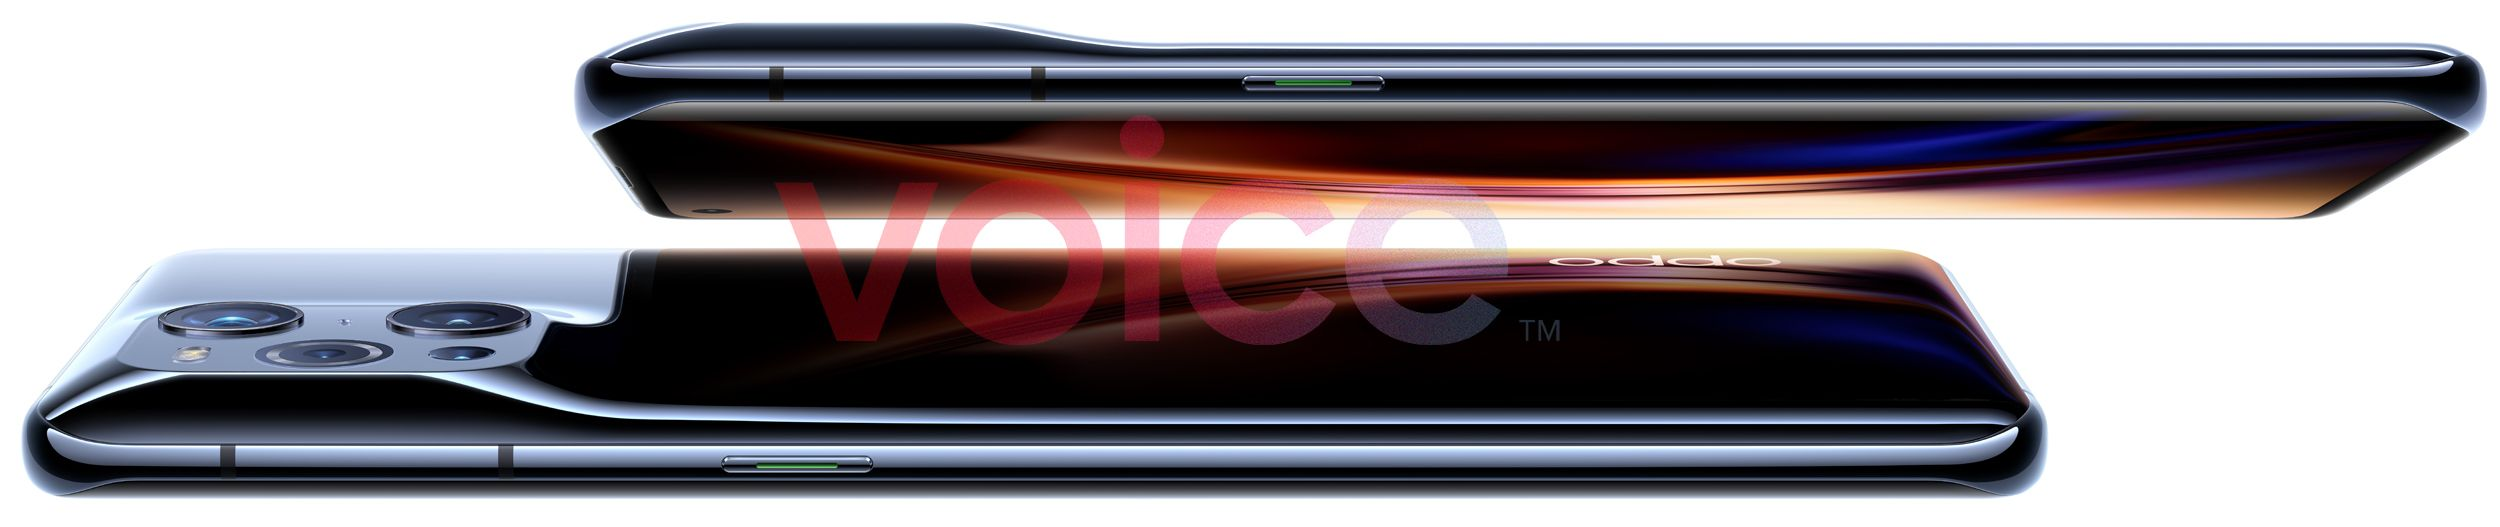 【更新:官宣发布日期】OPPO FIND X3 Pro 官方渲染图曝光,镜头排列疑似撞脸 iPhone 12 Pro,预计 2021 年第一季度发布? 12